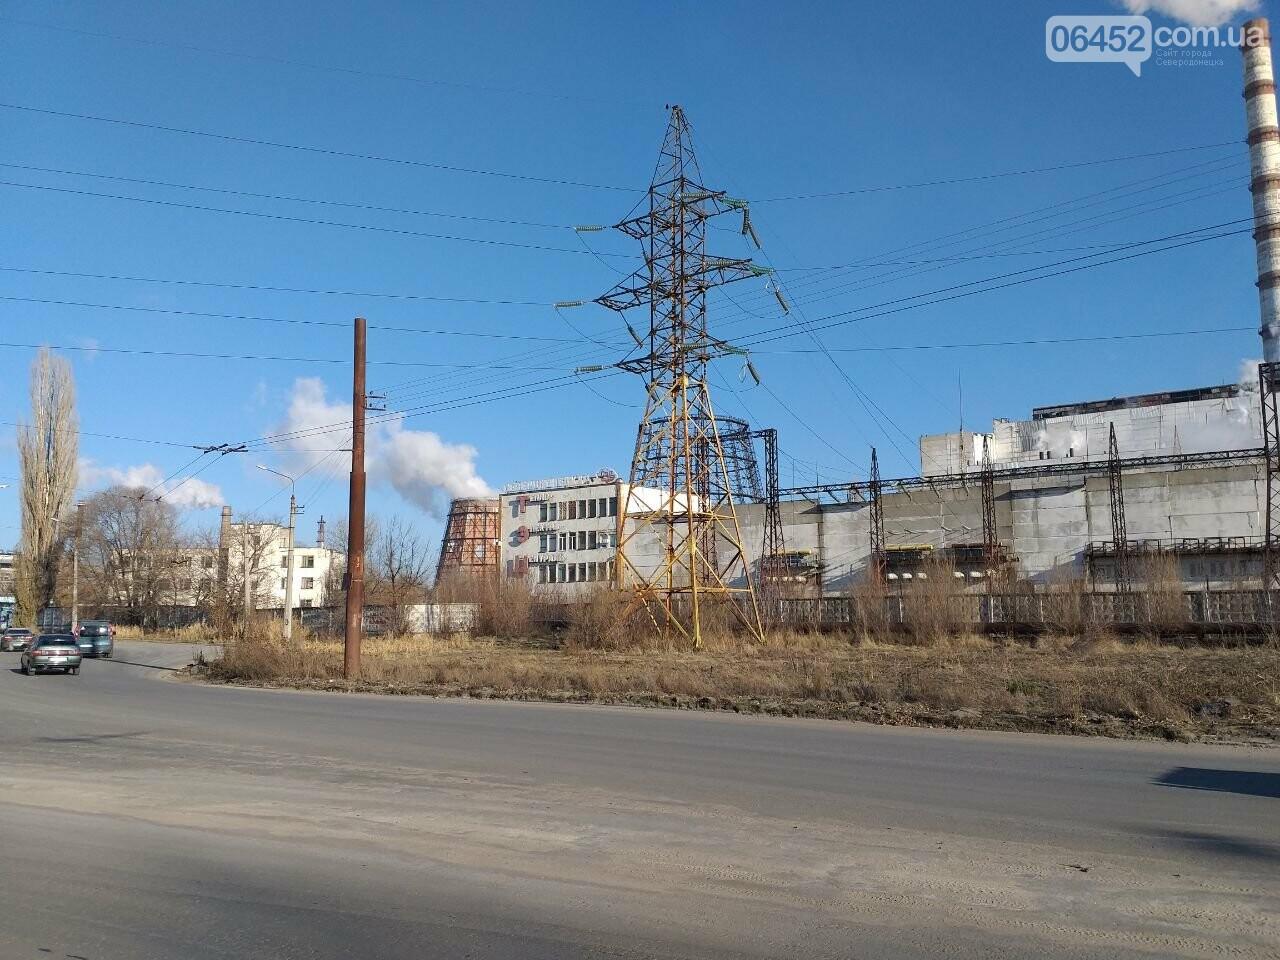 Придется немного подождать: в Северодонецке рассказали, когда закончится отопительный сезон, фото-1